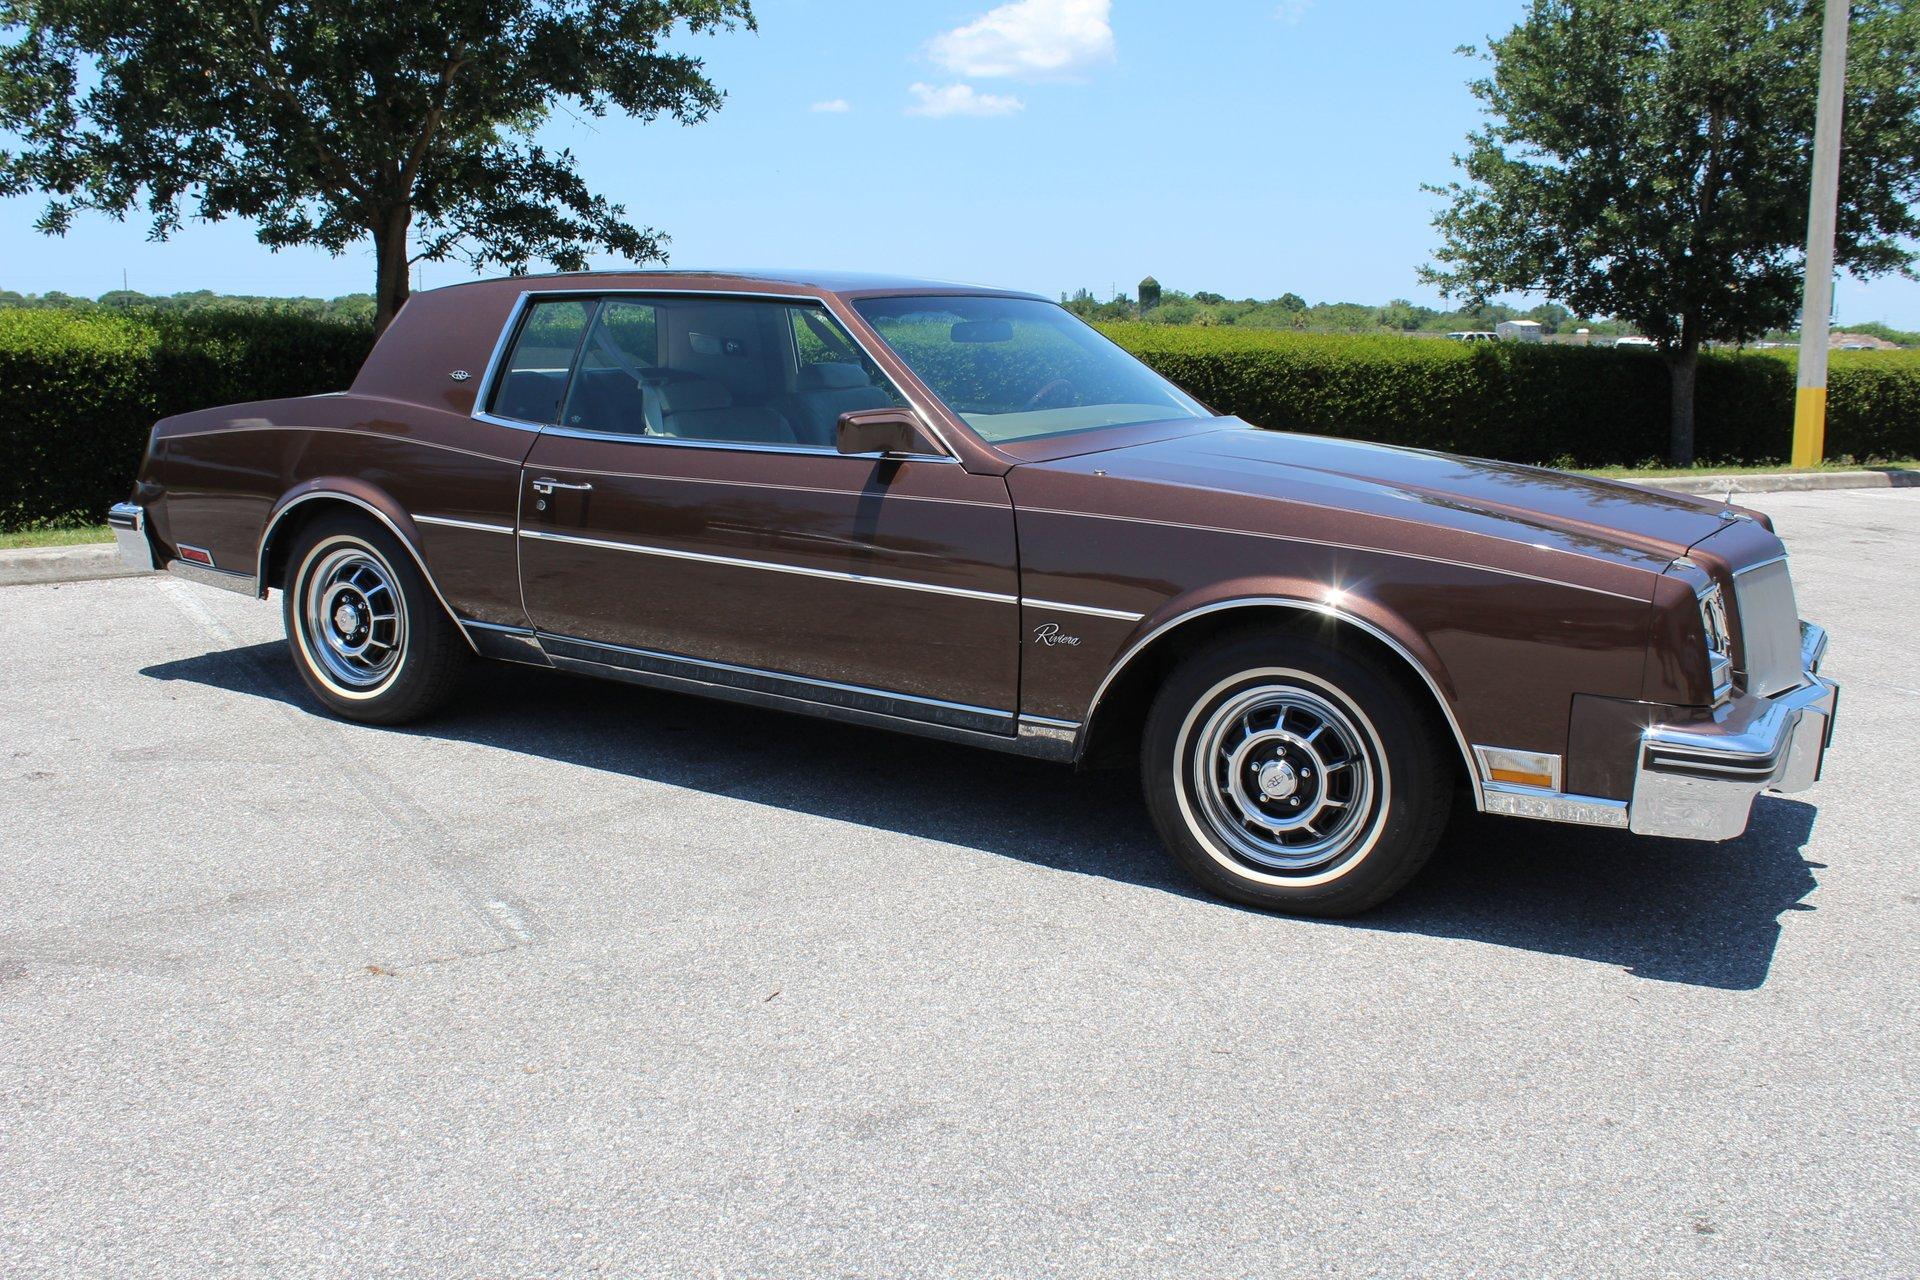 1985 Buick Riviera | Classic Cars of Sarasota